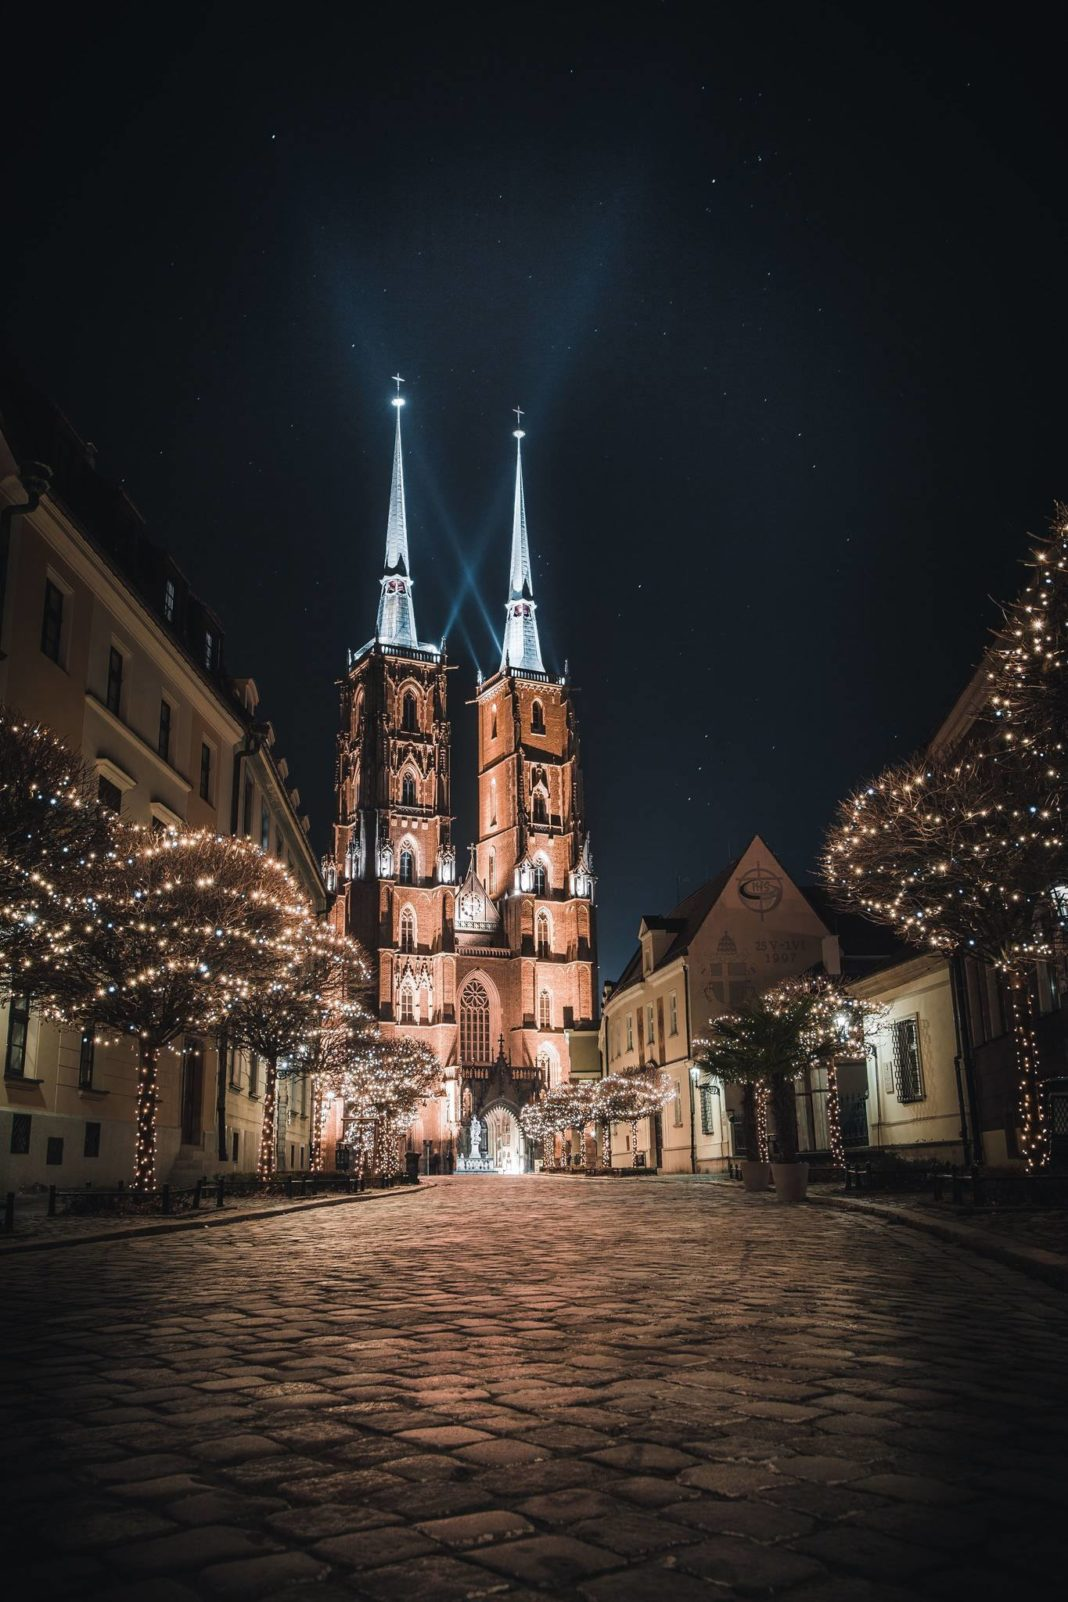 zimowy spacer po Wrocławiu